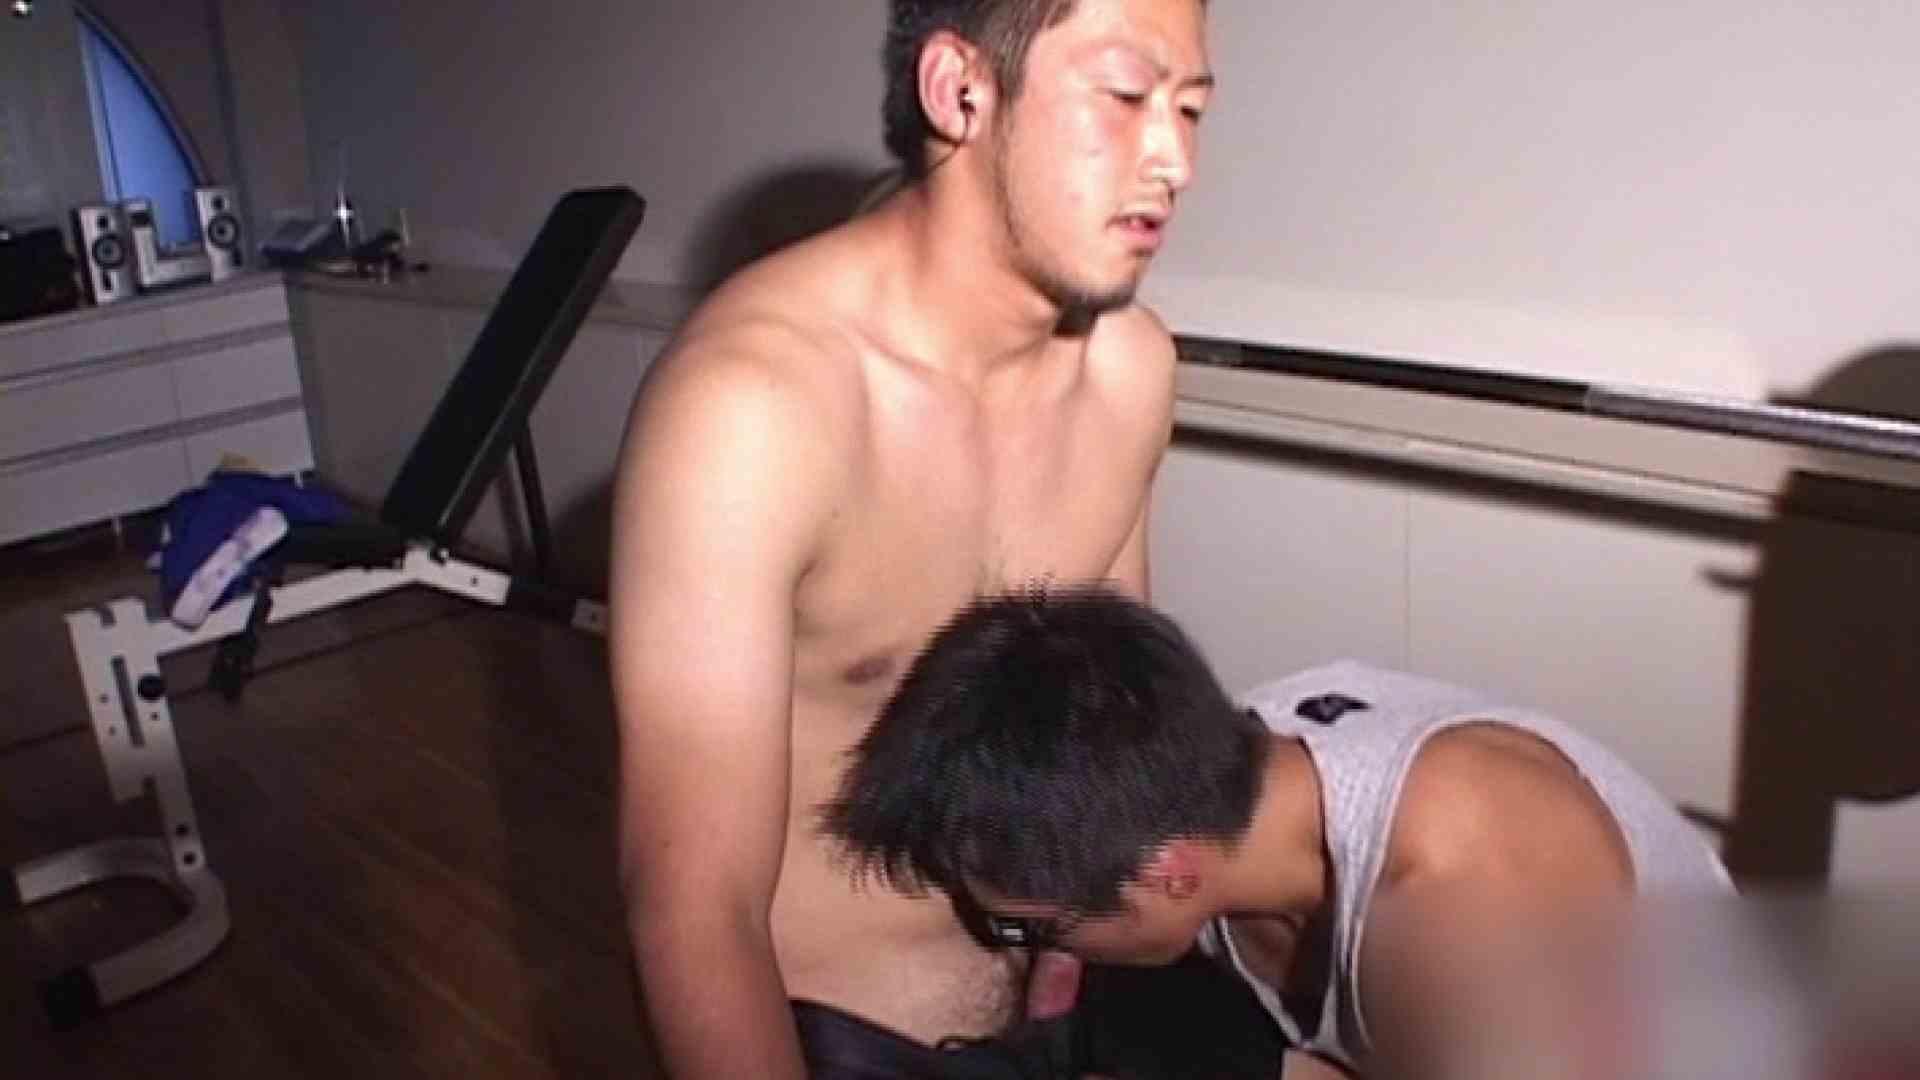 筋肉バカのおてぃんてぃんはほとんどゲイだからぁ…vol.1 ノンケのオナニー ゲイ無料エロ画像 78連発 39